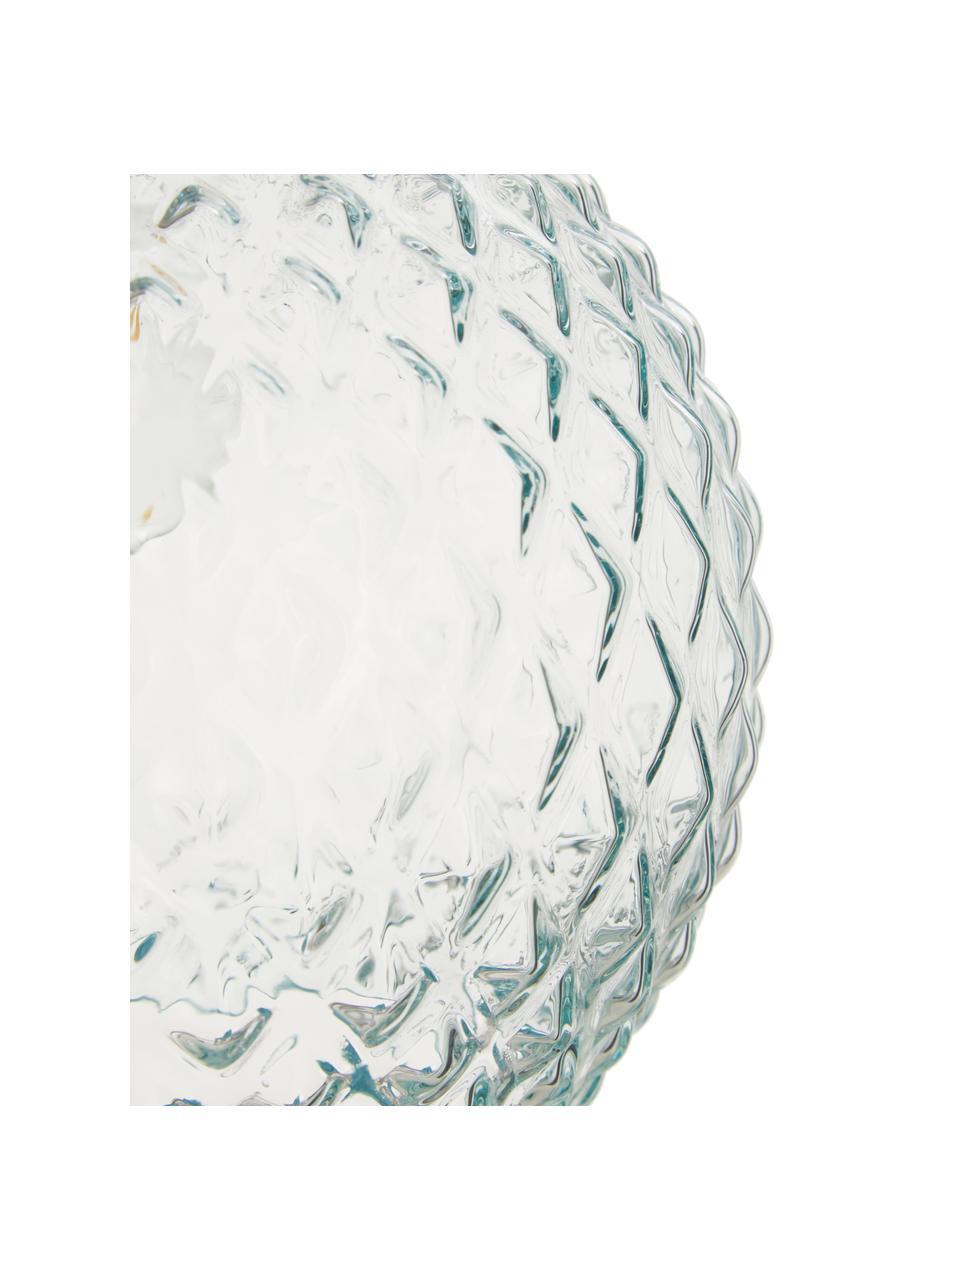 Mały lampa wisząca Rania, Niebieski, transparentny, Ø 25 x W 21 cm